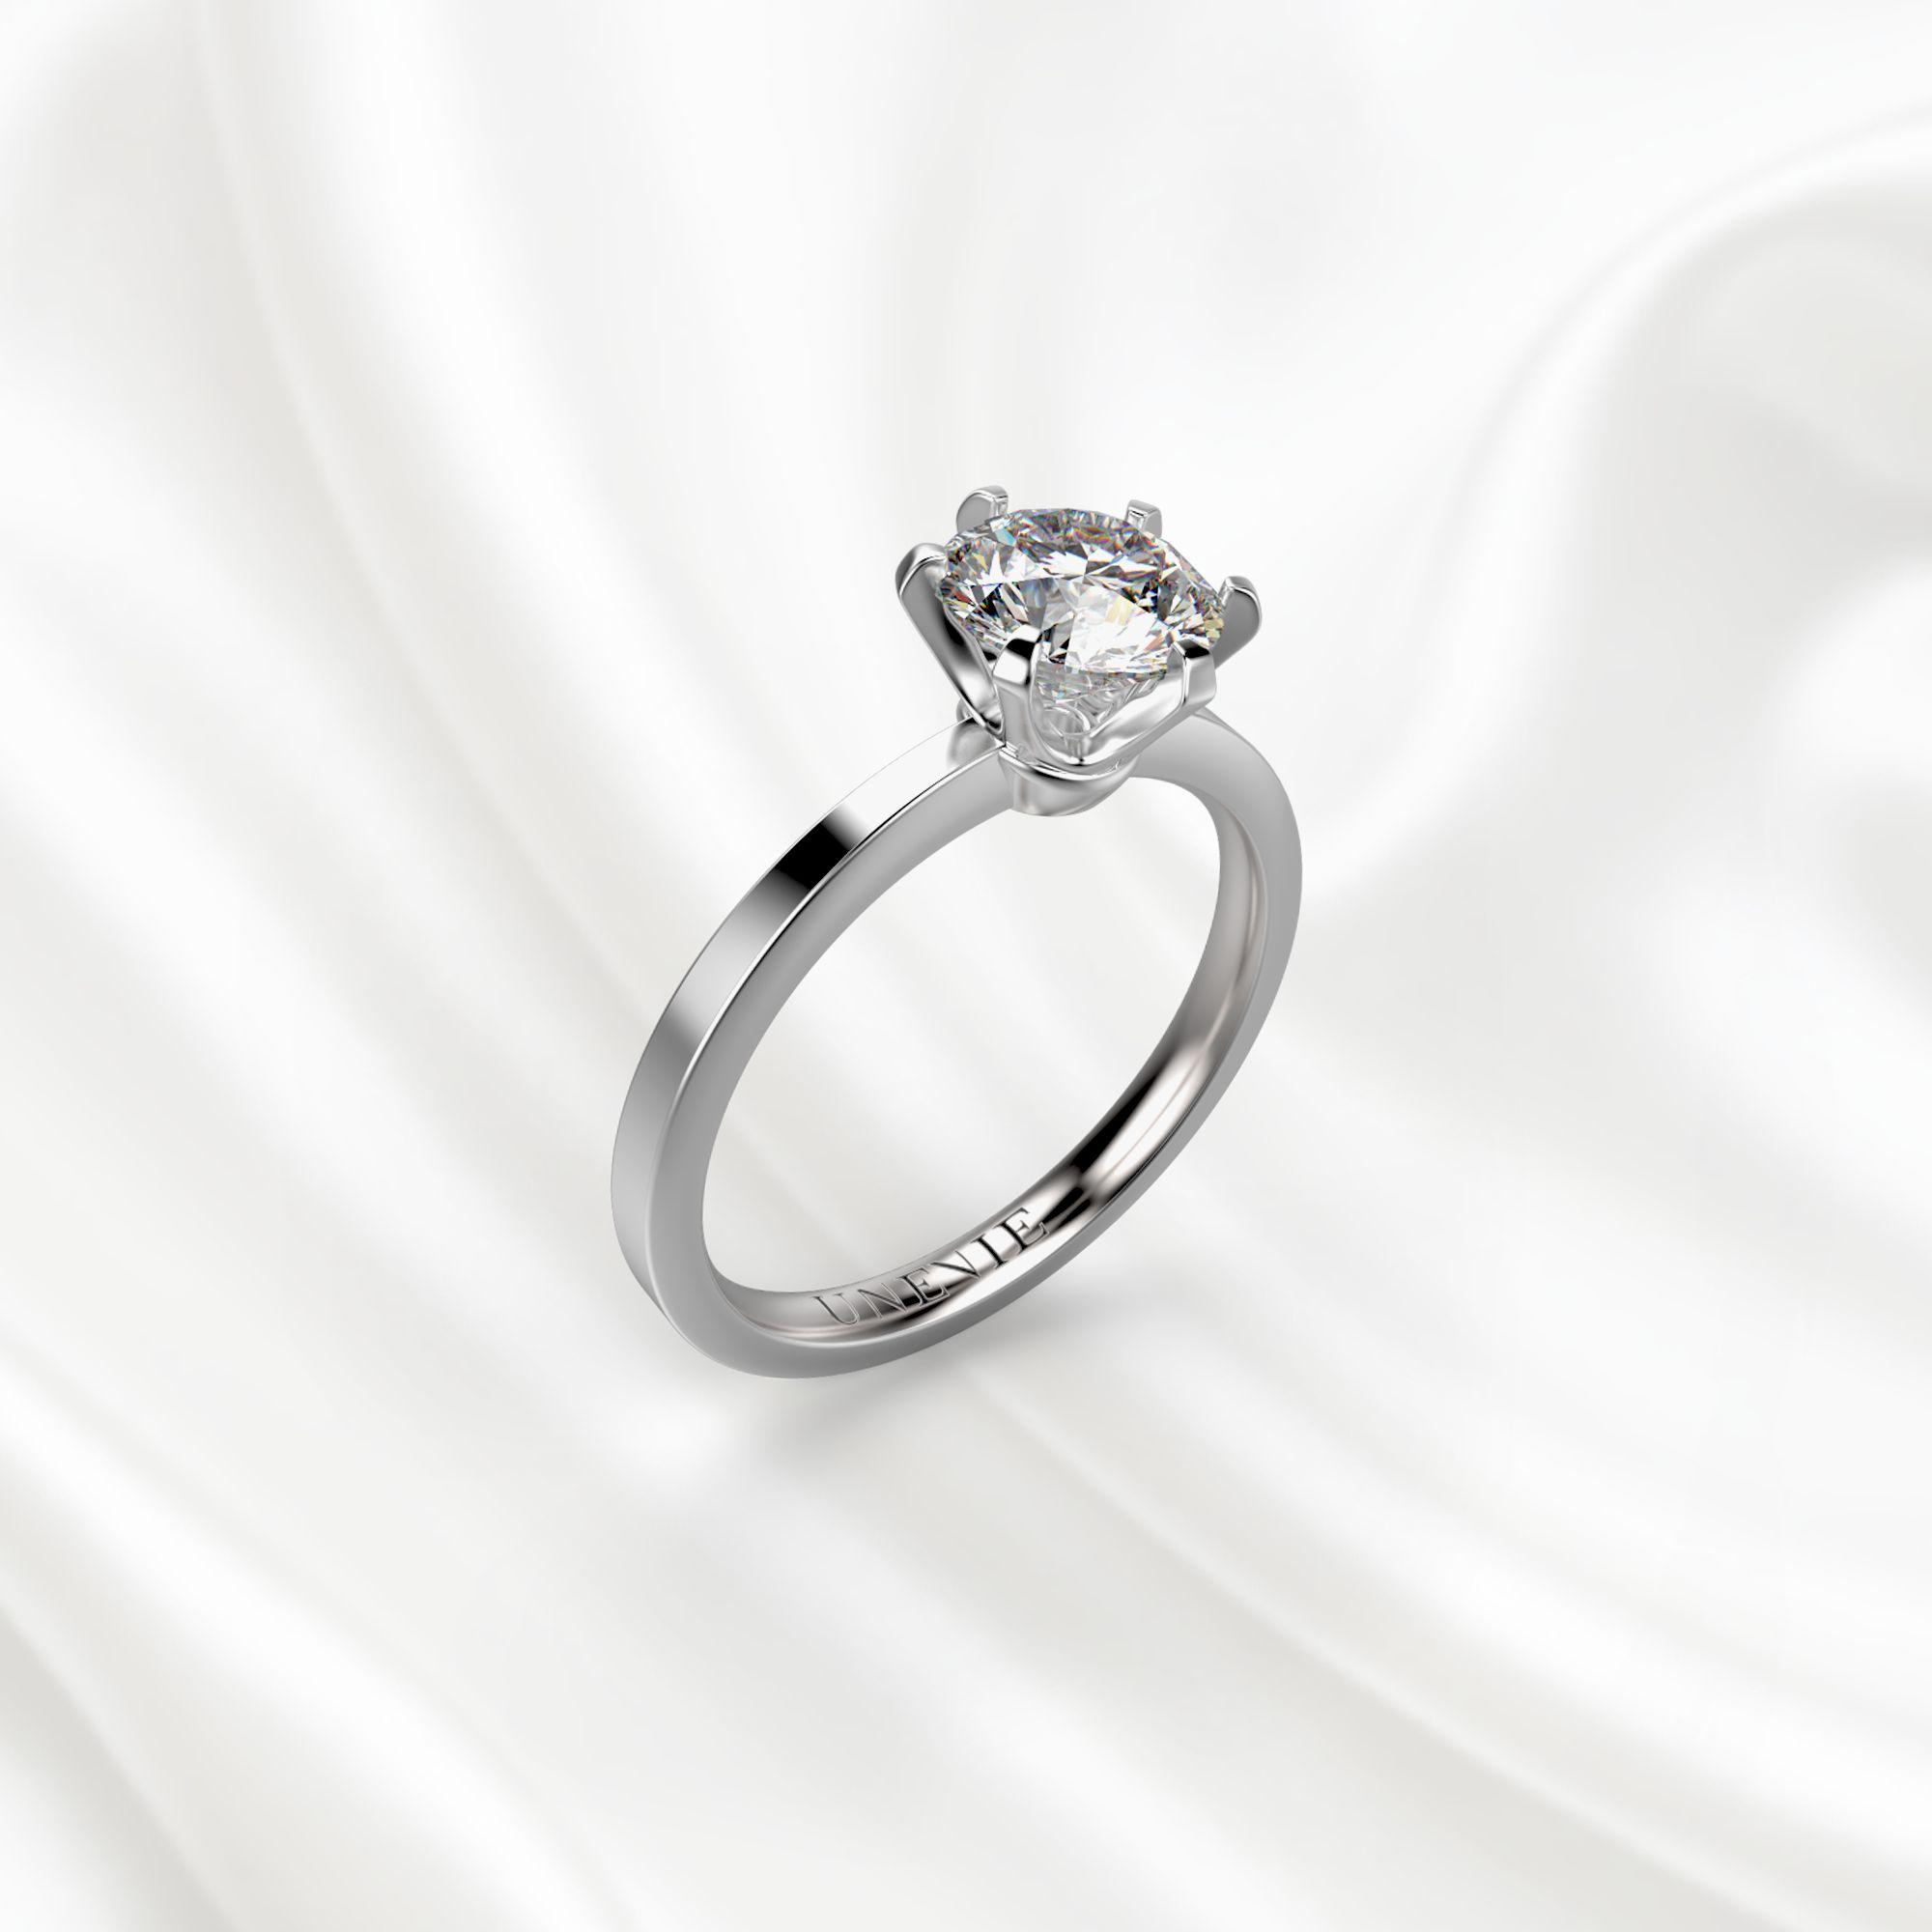 N6 Помолвочное кольцо из белого золота с бриллиантом 0.6 карат